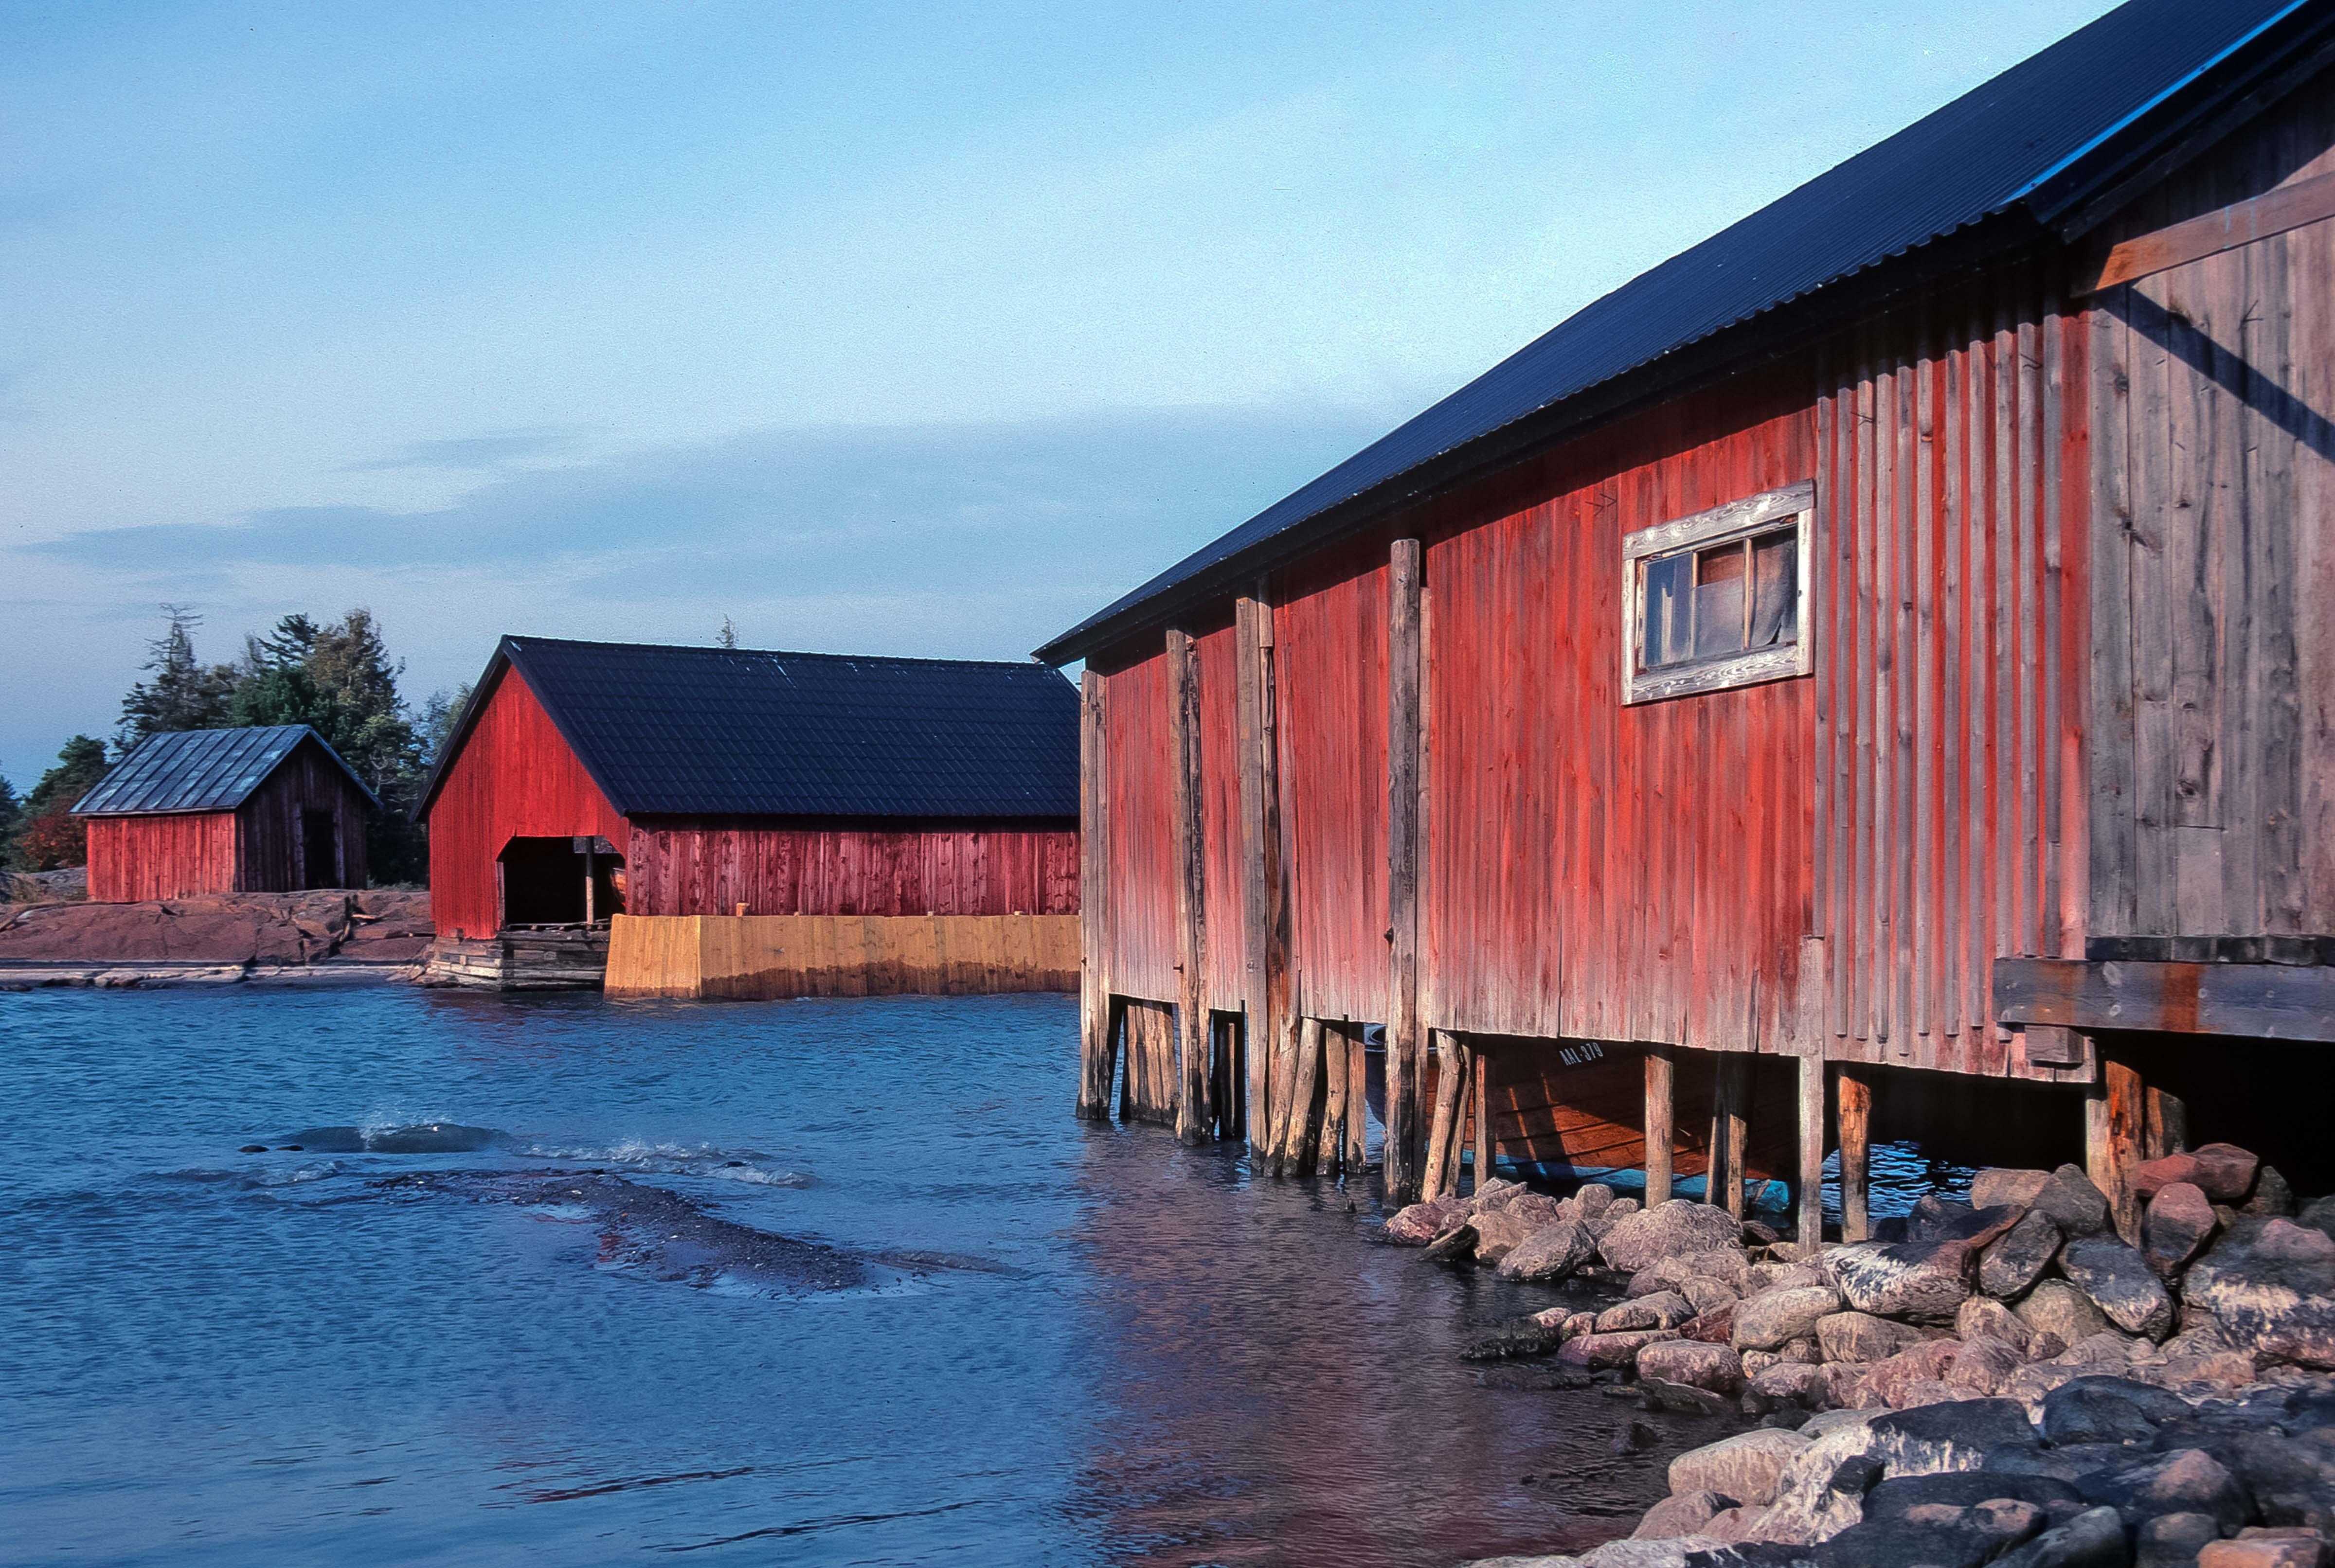 Aland lslands, Houses, 2000